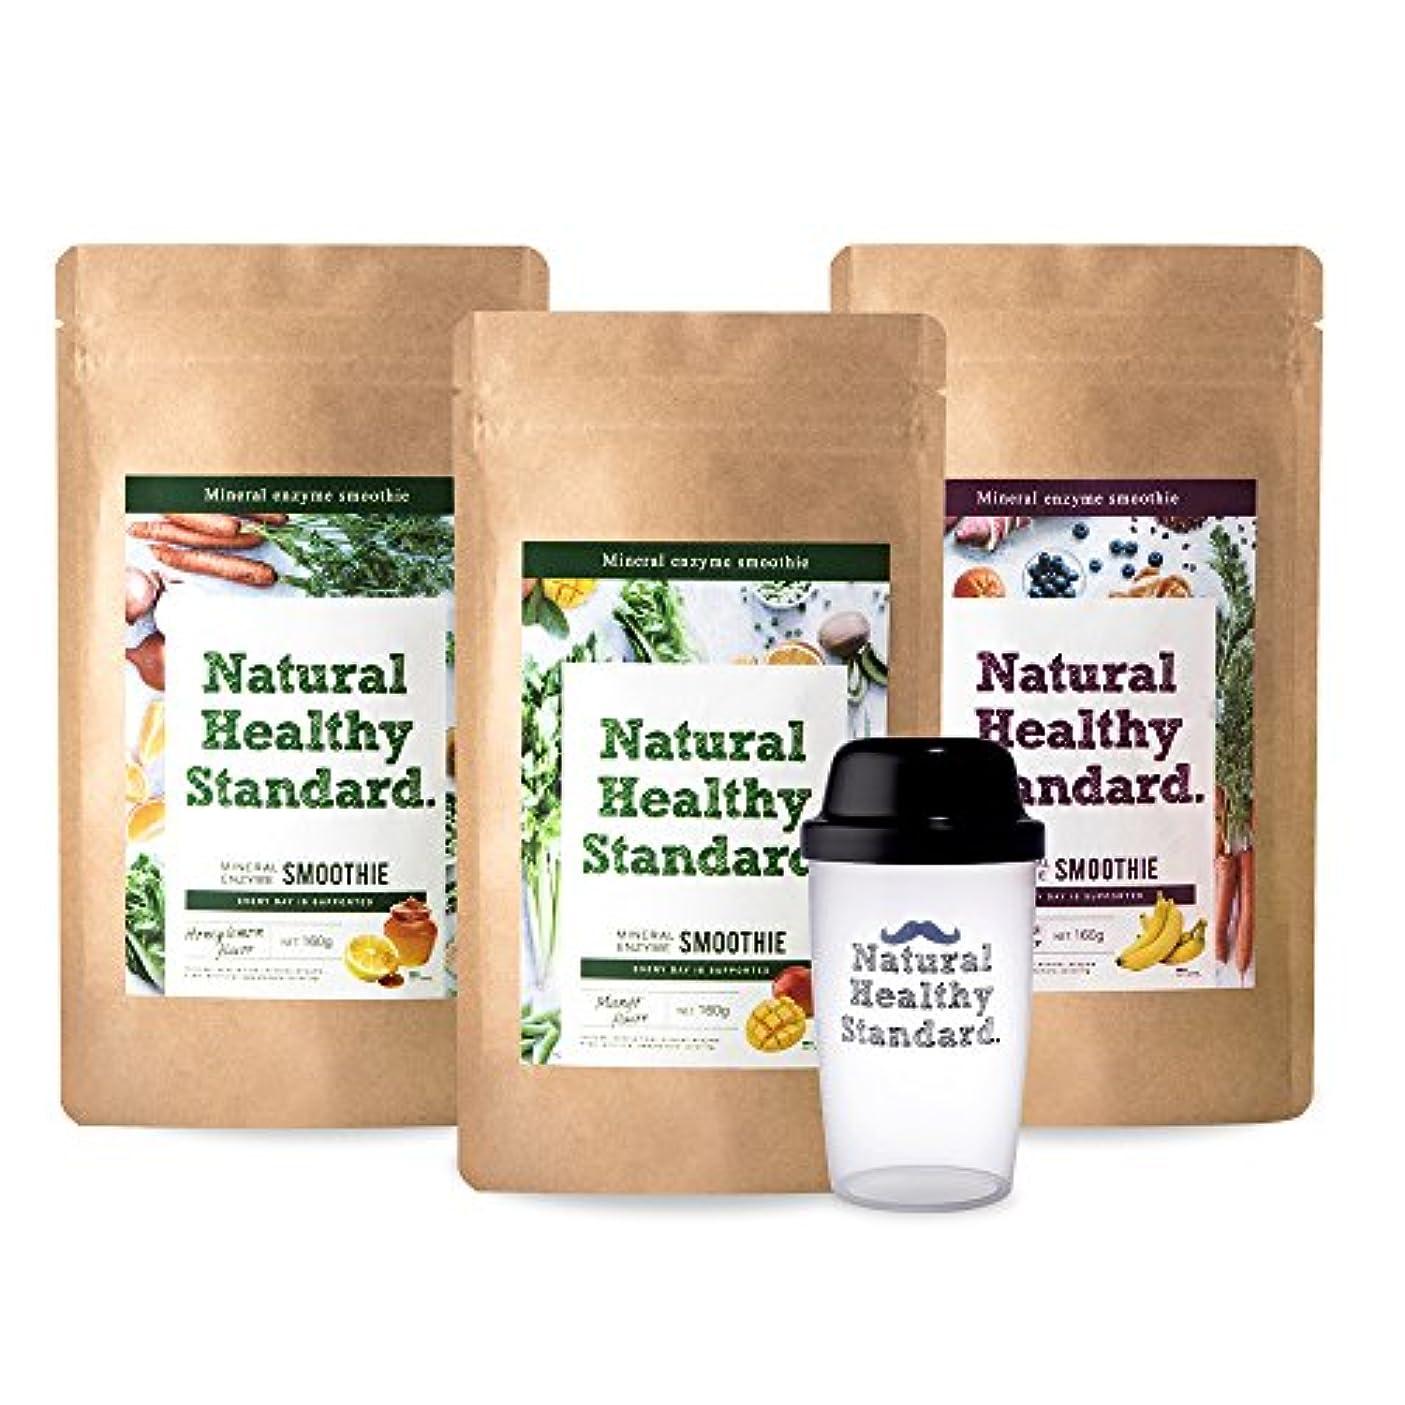 アスレチック慈悲深い適度なNatural Healthy Standard. 選べるスムージー3袋セット マンゴー はちみつレモン アサイーバナナ 160g×3袋